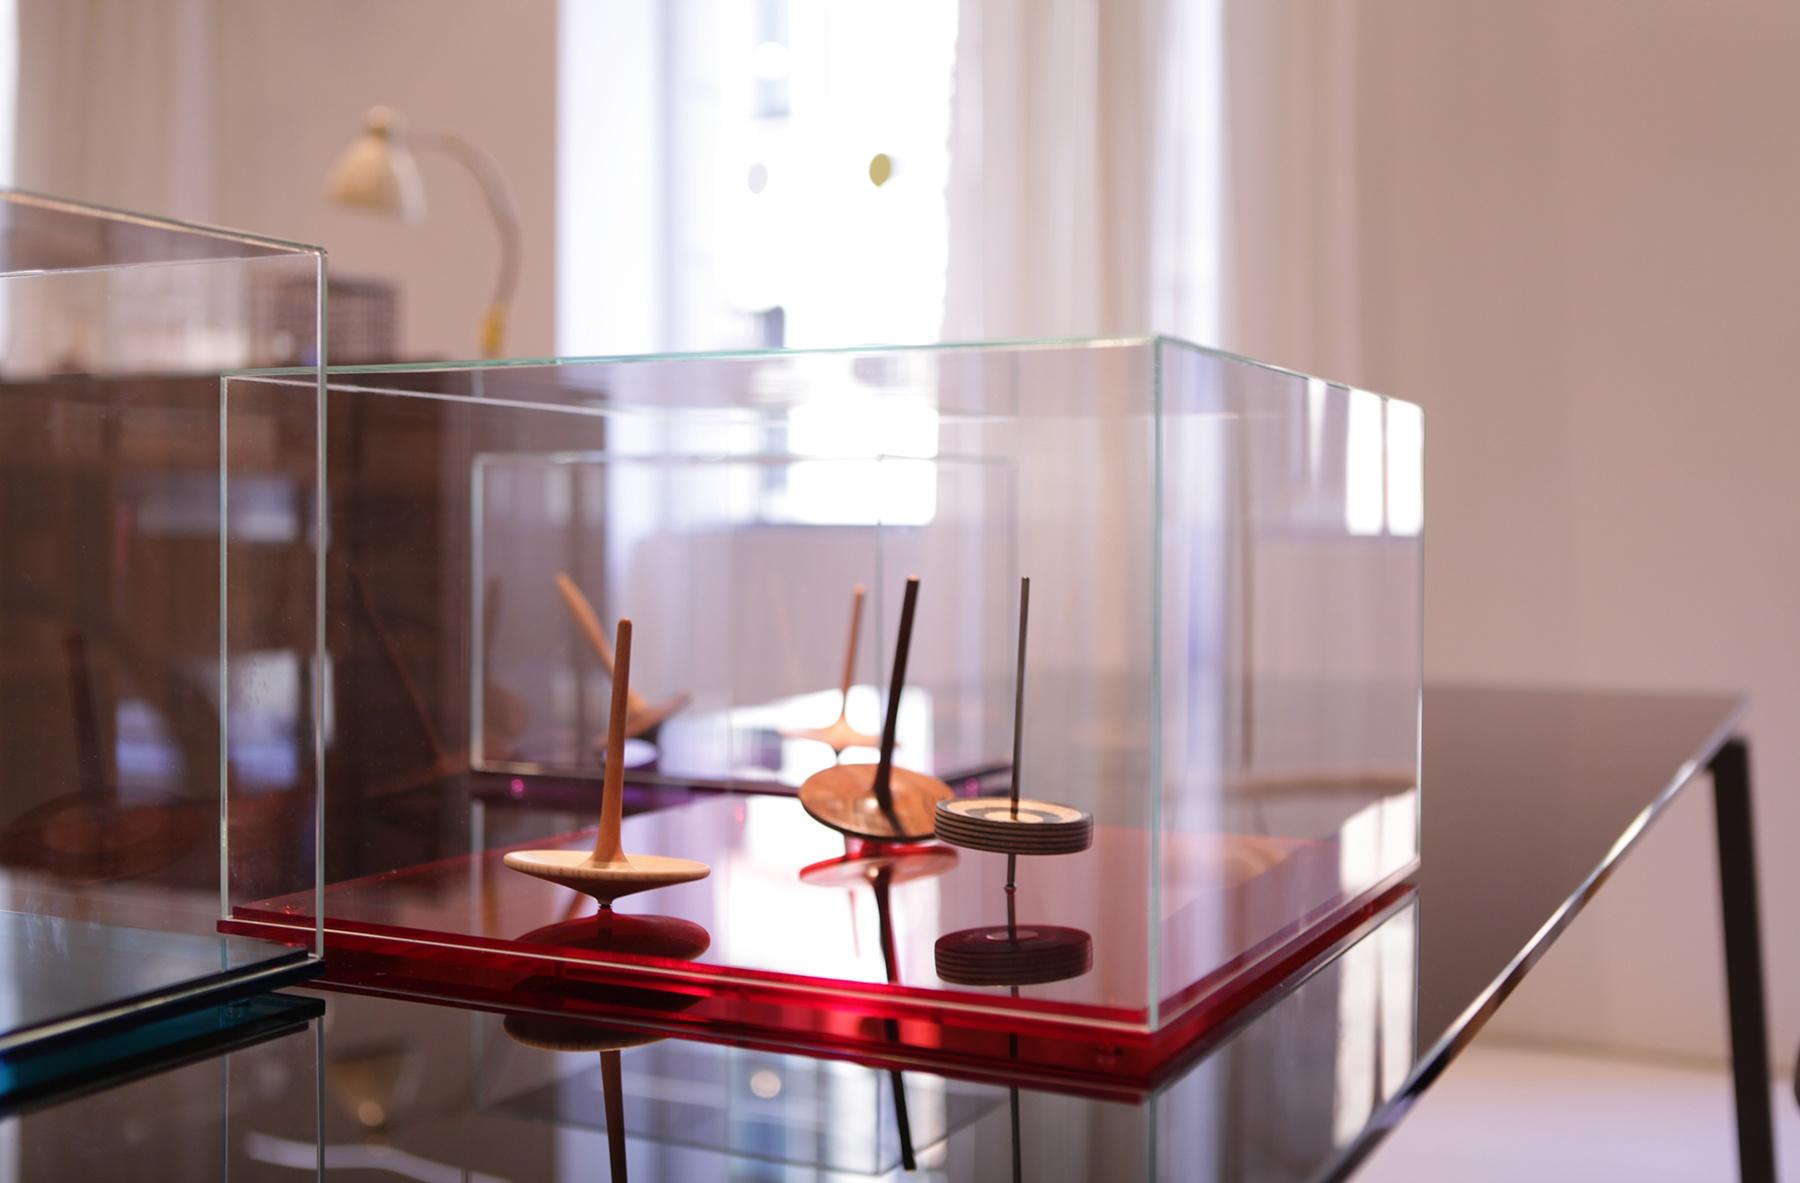 Porro, image:news_immagini - Porro Spa - <p><span>90 YEARS YOUNG. Porro duriniquindici, Milano</span></p>